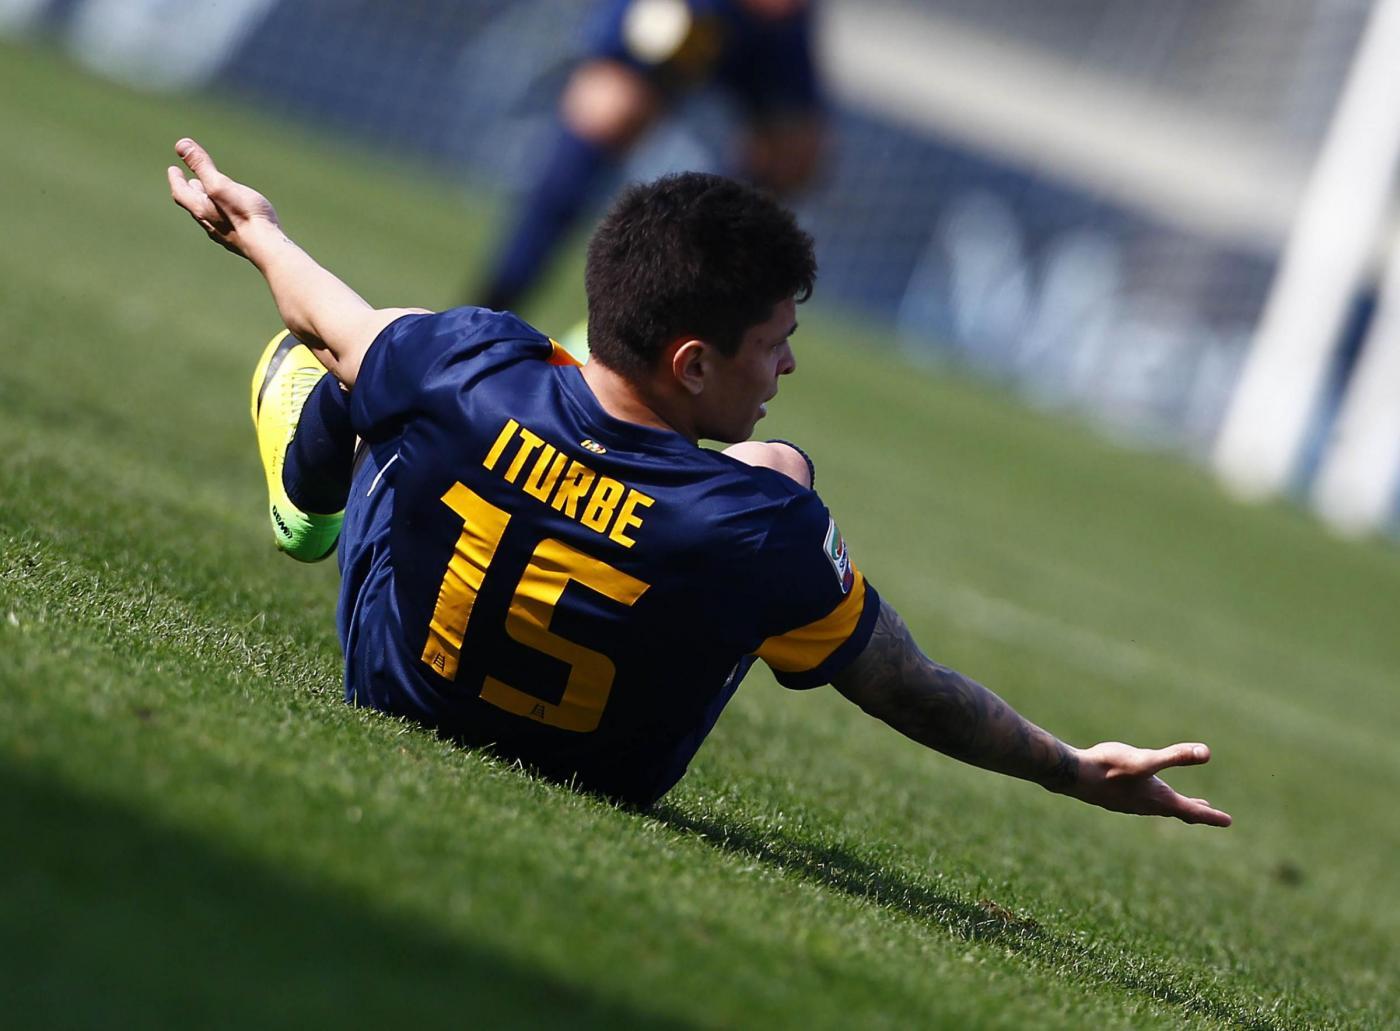 Iturbe Juventus